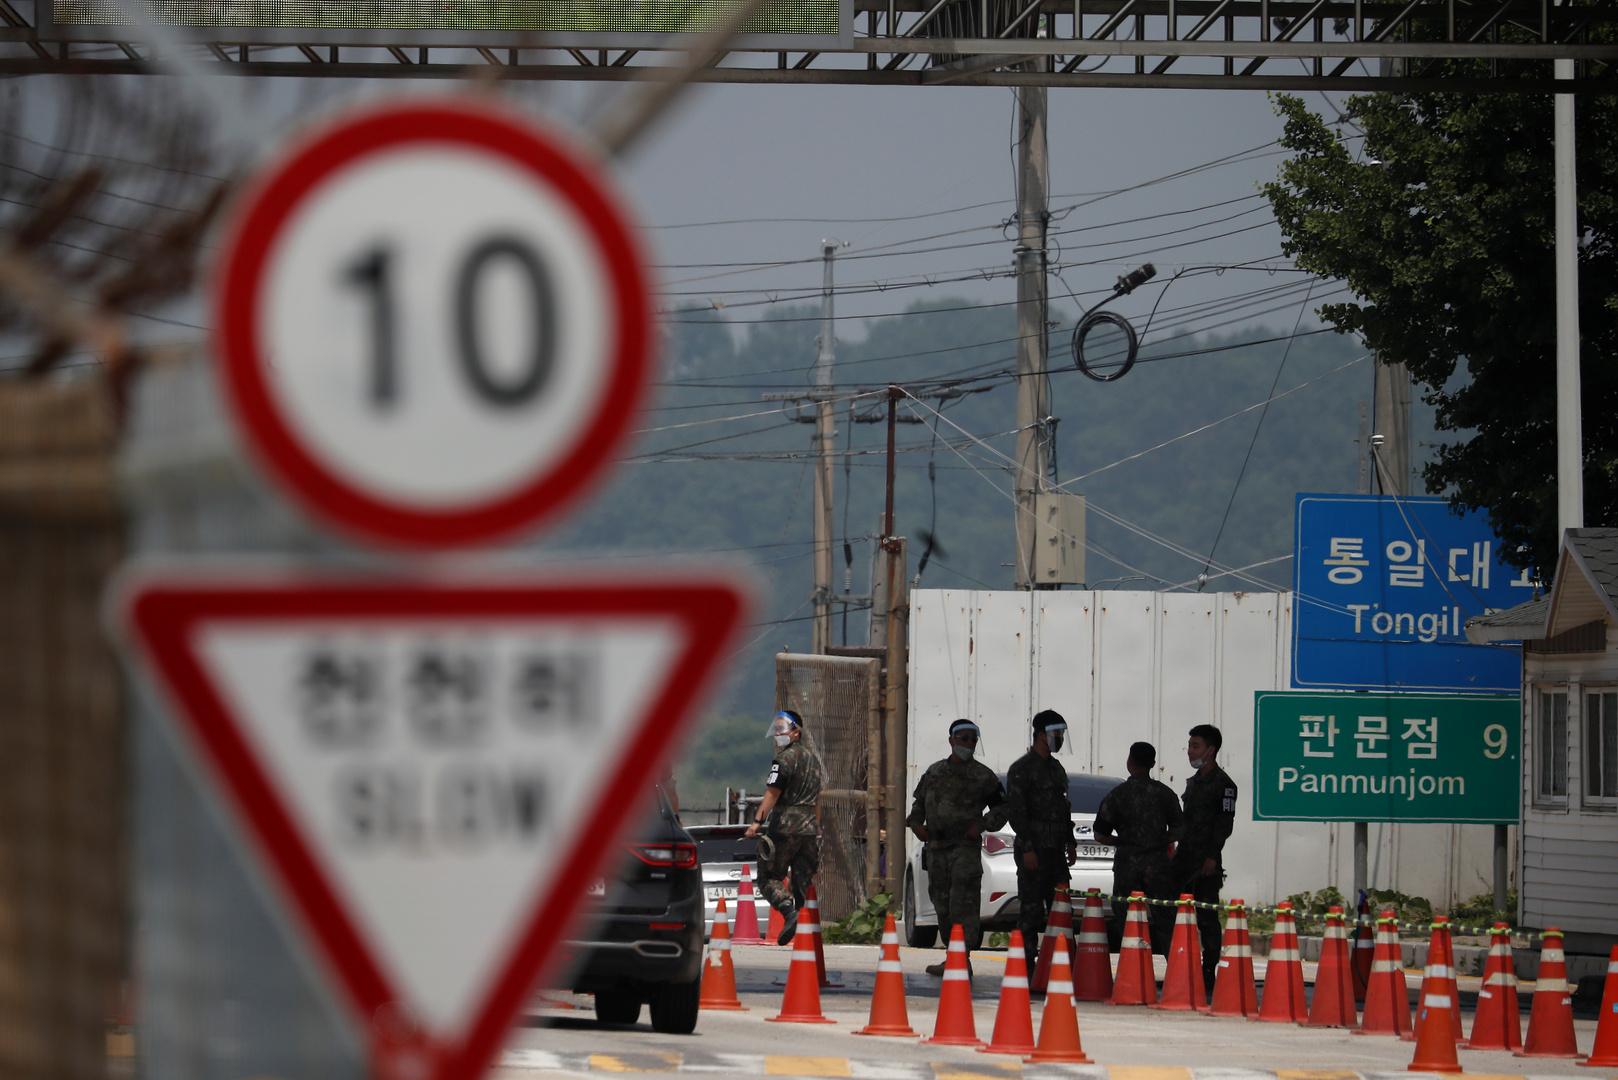 سيئول: إعادة فتح مجمع كيسونغ المشترك مع الشمال تعيد الثقة وتخفف التوتر بين الكوريتين